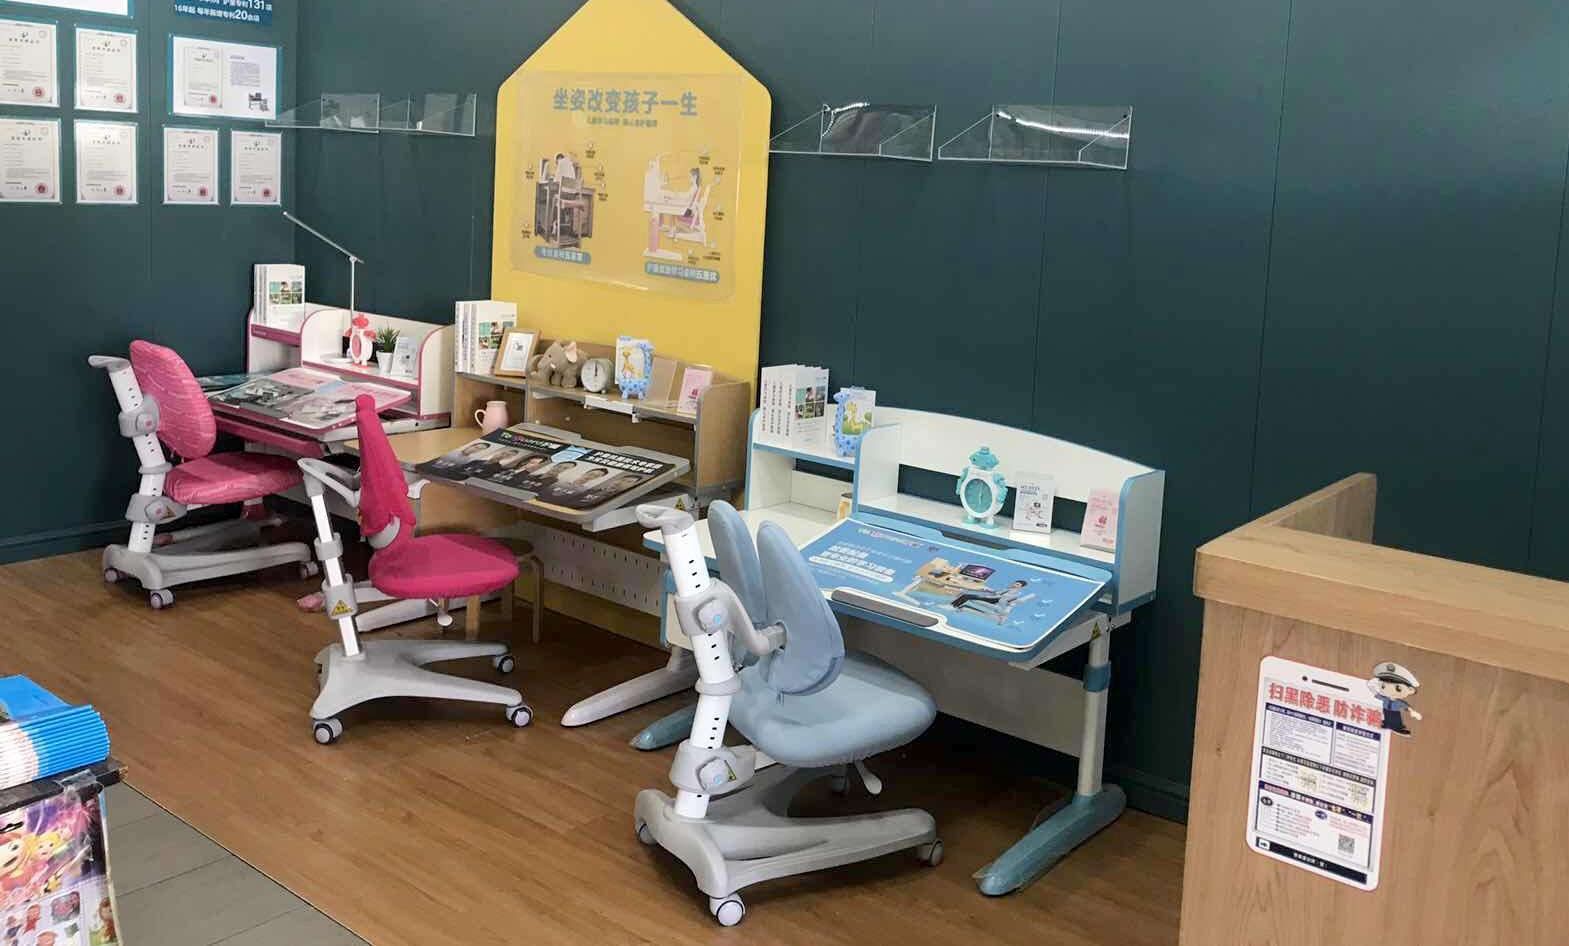 热烈祝贺护童第1752家厦门晨风书店护童专柜盛大开业!